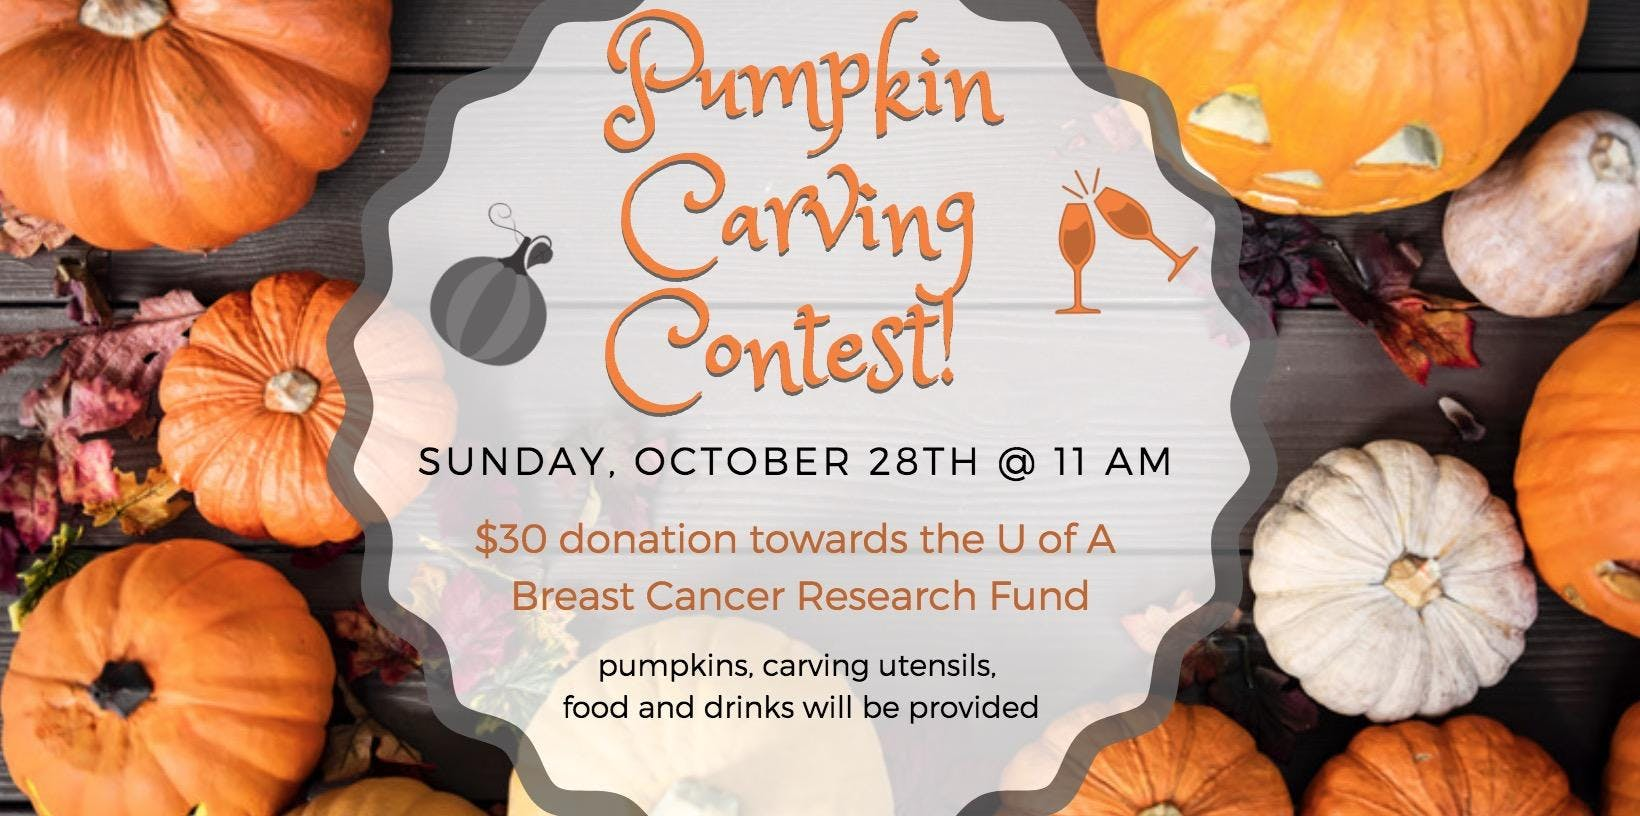 Scottsdale Jabz Pumpkin Carving Contest!